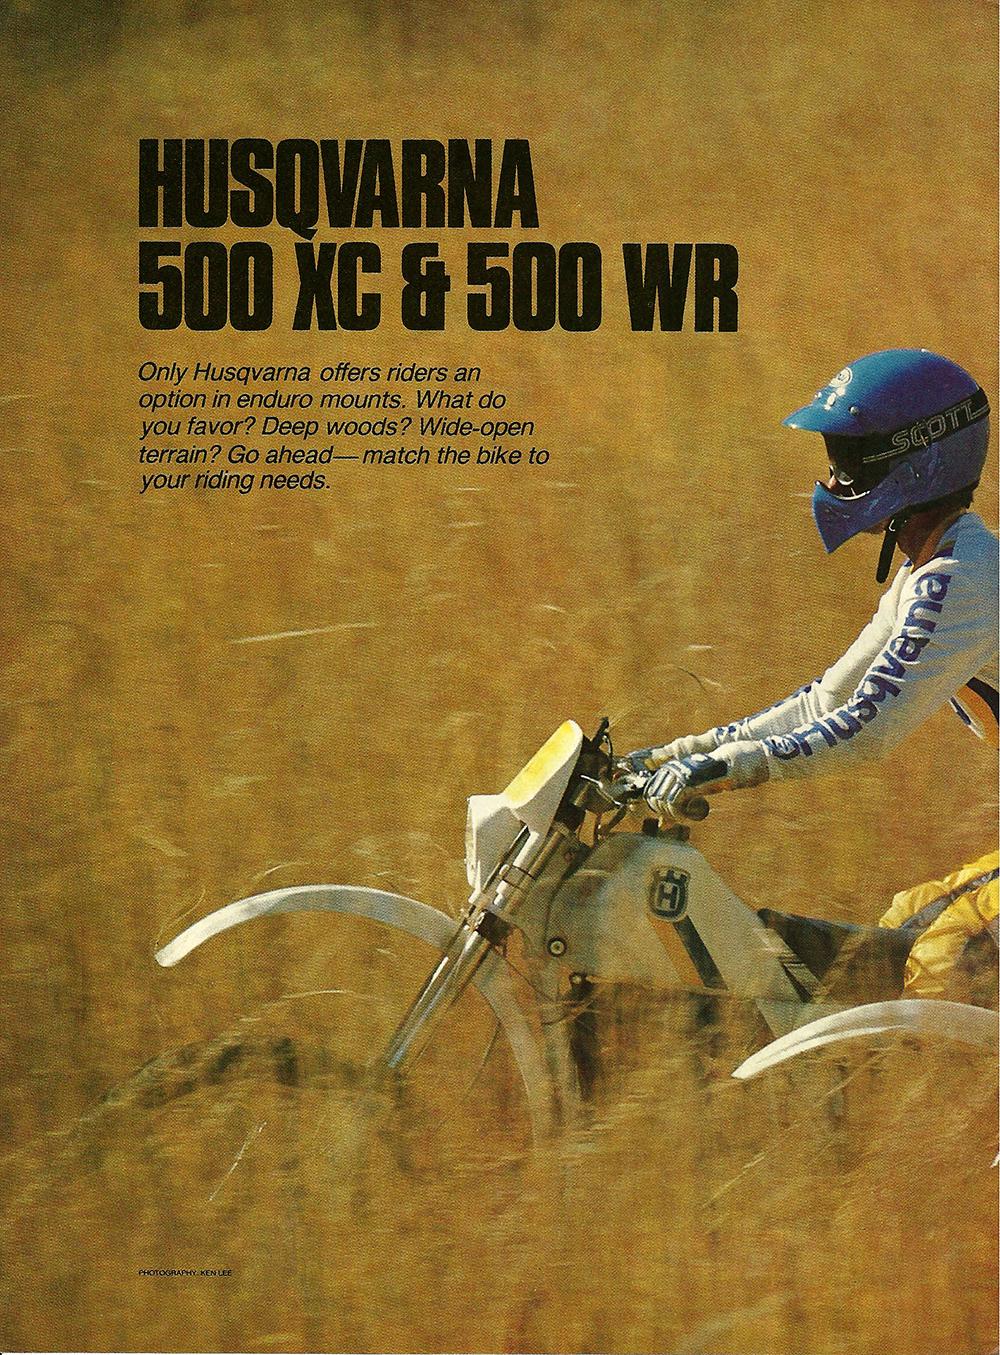 1984 Husqvarna 500 XC WR road test 1.jpg